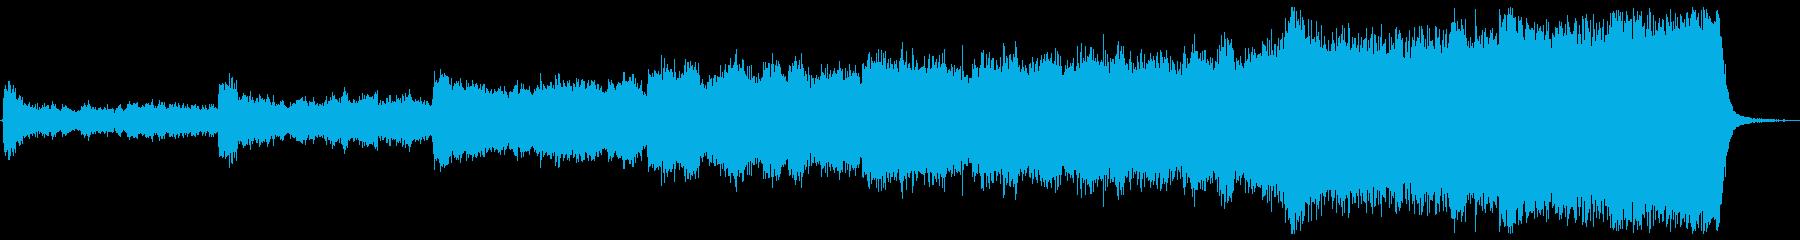 壮大 主人公覚醒 オーケストラの再生済みの波形